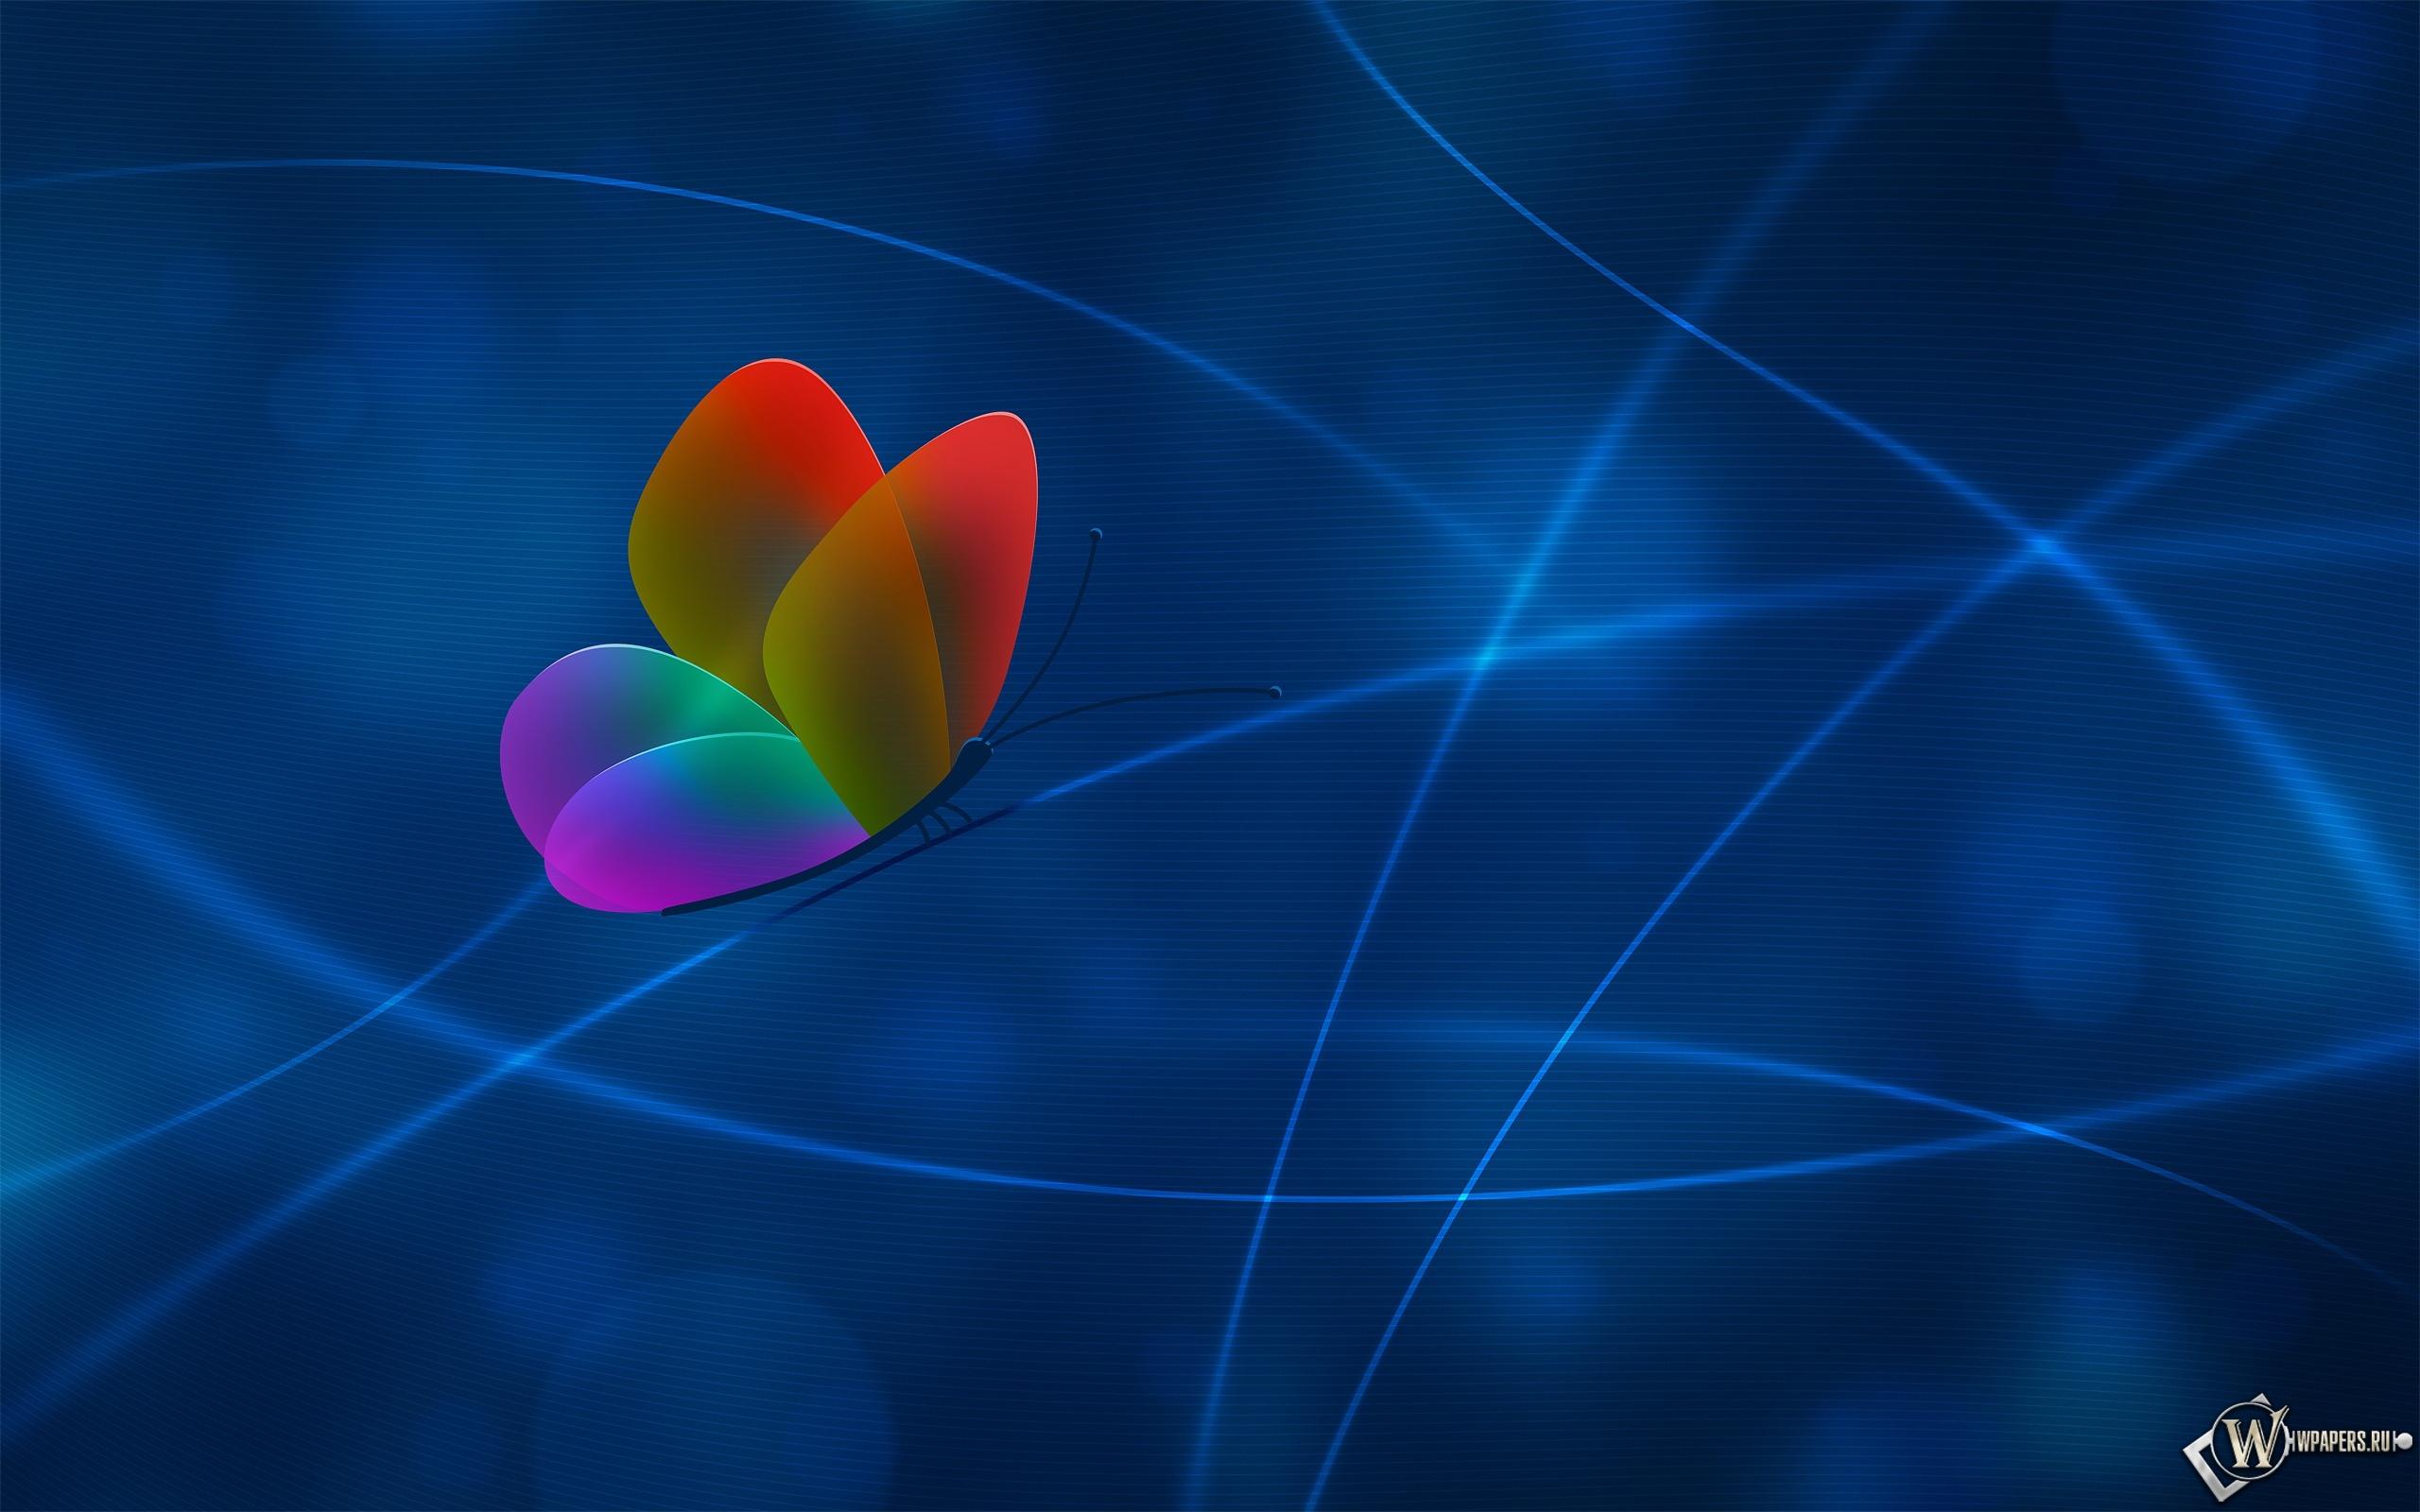 Разноцветная бабочка на синем фоне 2560x1600